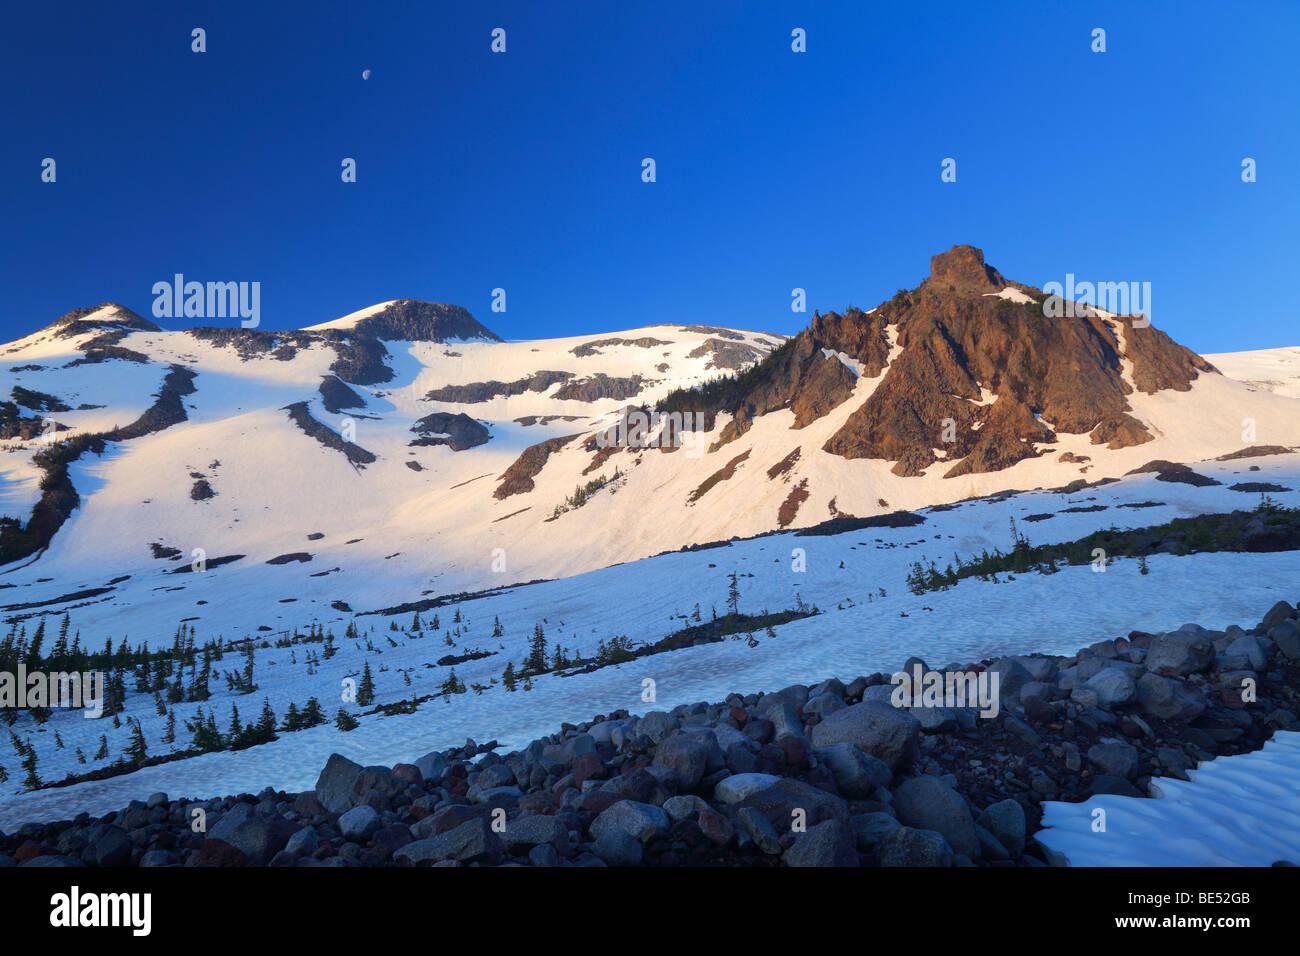 Il Parco Nazionale del Monte Rainier deserto vicino a Panhandle Gap lungo il Sentiero delle meraviglie in inverno Immagini Stock